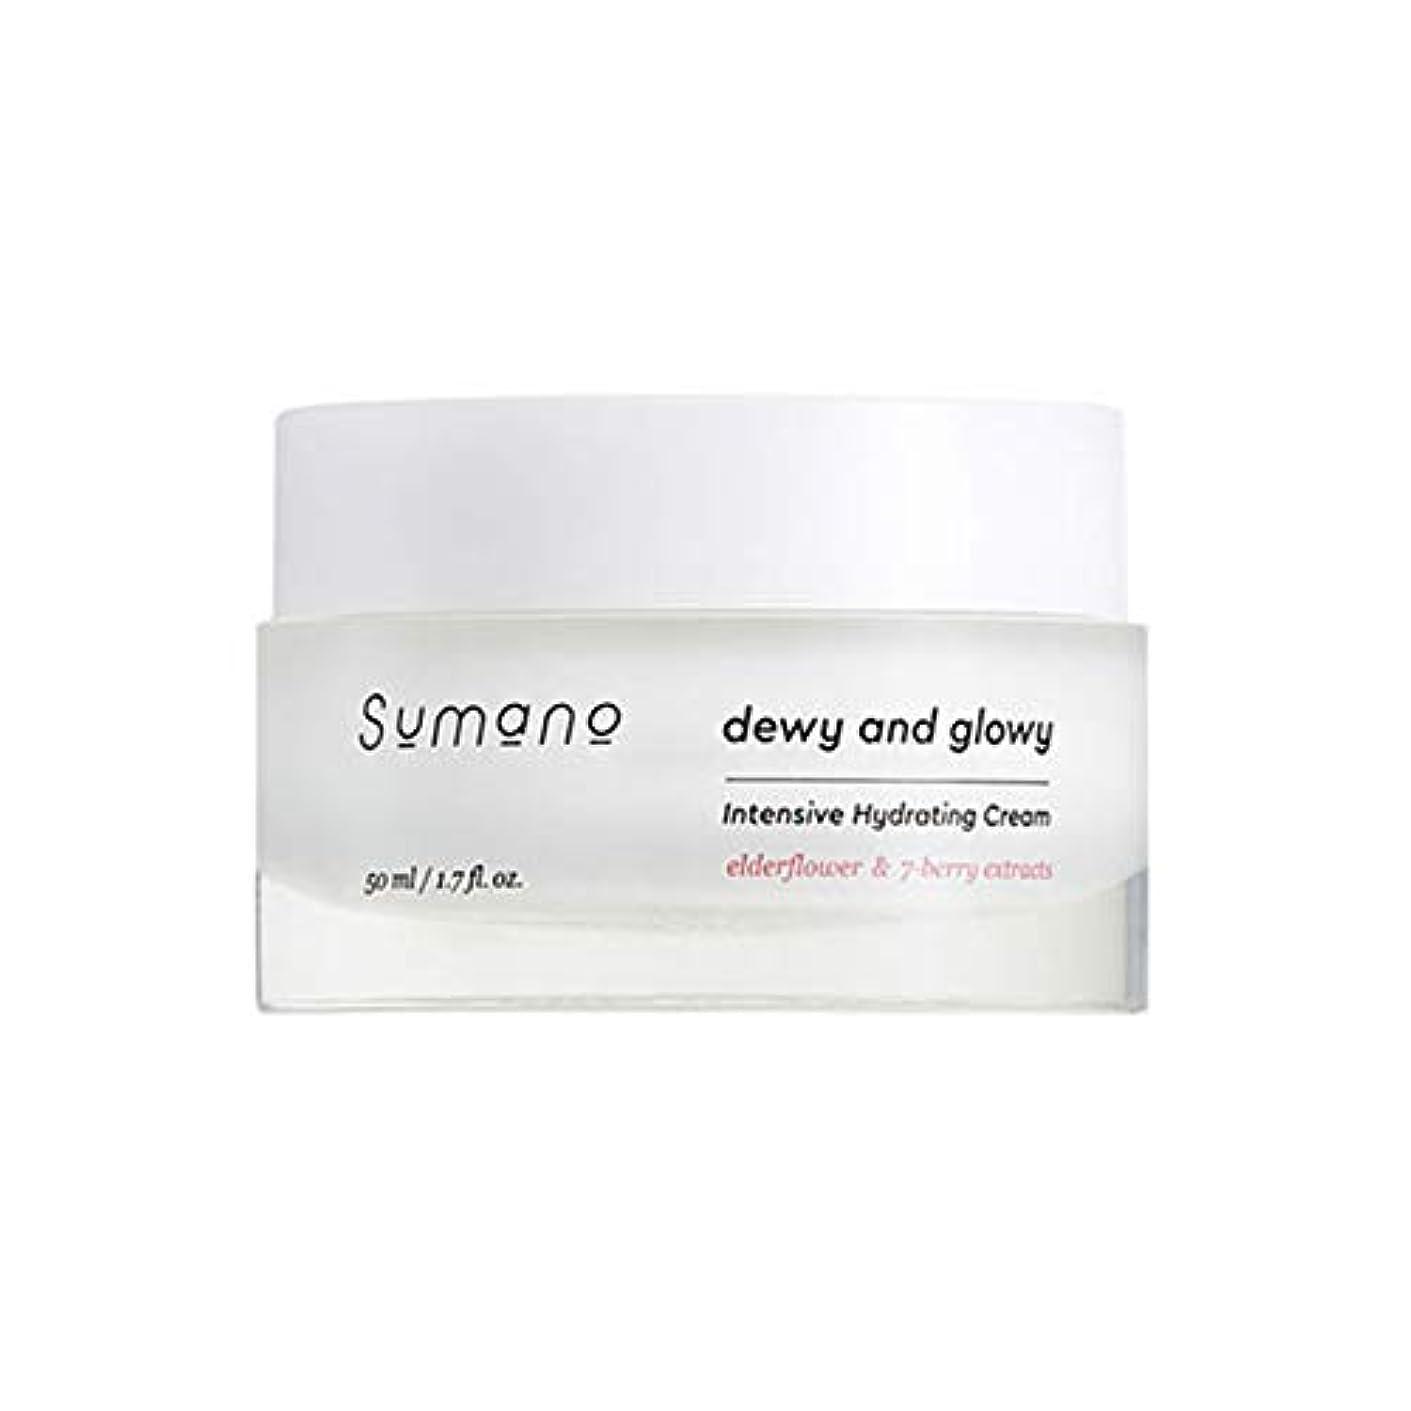 形容詞ちなみに追い払う[SUMANO/スマノ] Sumano Intensive Hydrating Cream/インテンシブクリーム Skingarden/スキンガーデン